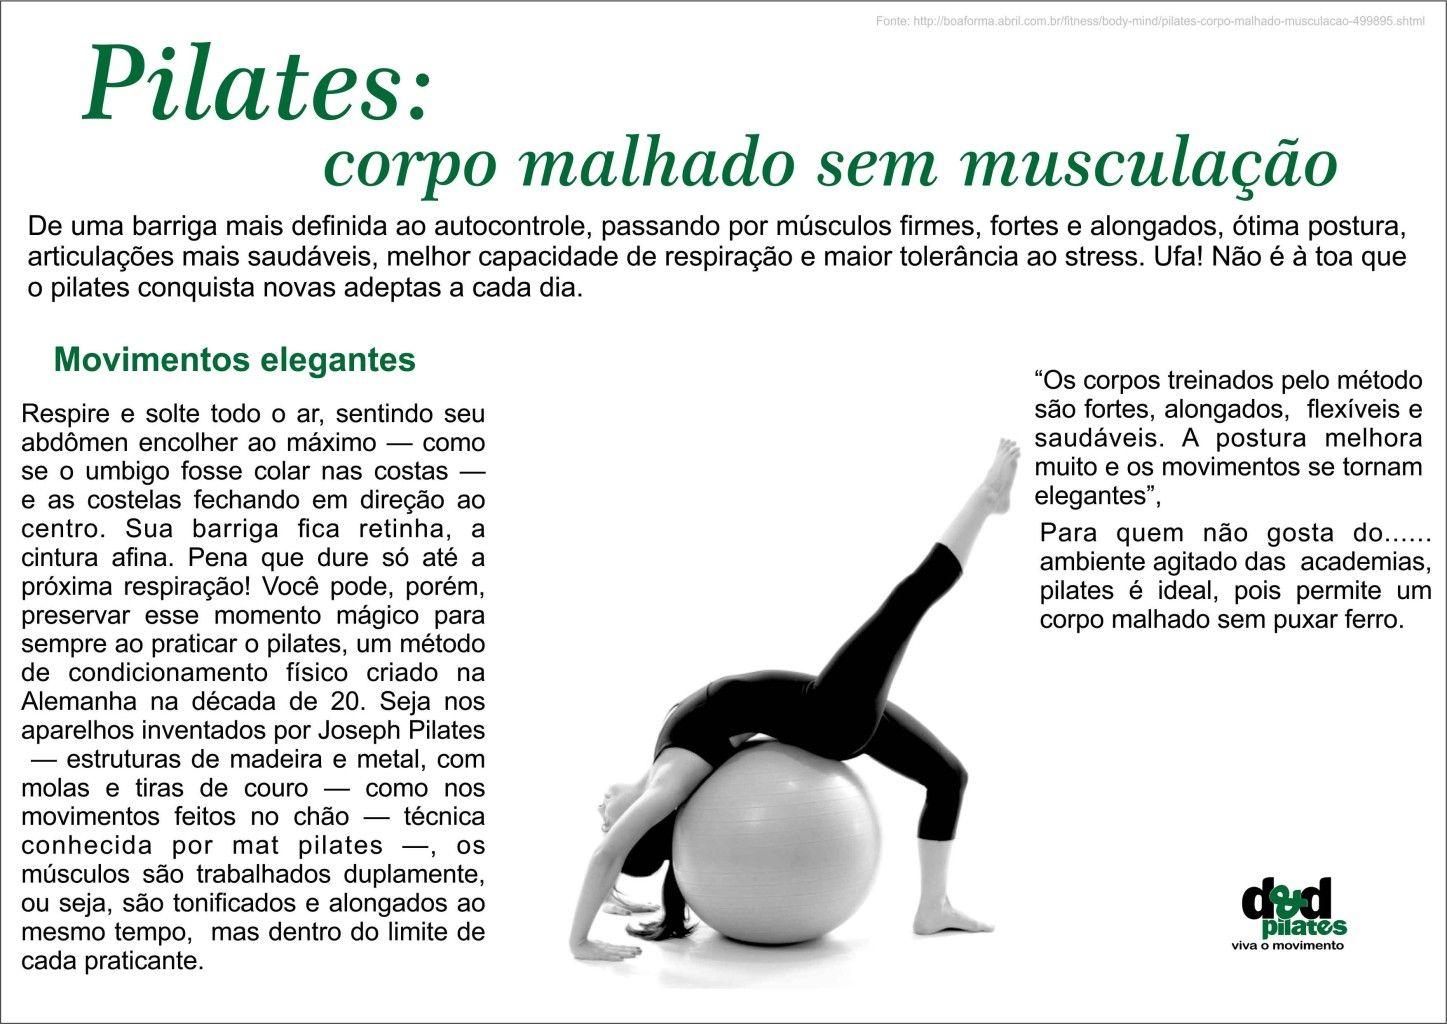 Pilates: corpo malhado sem musculação